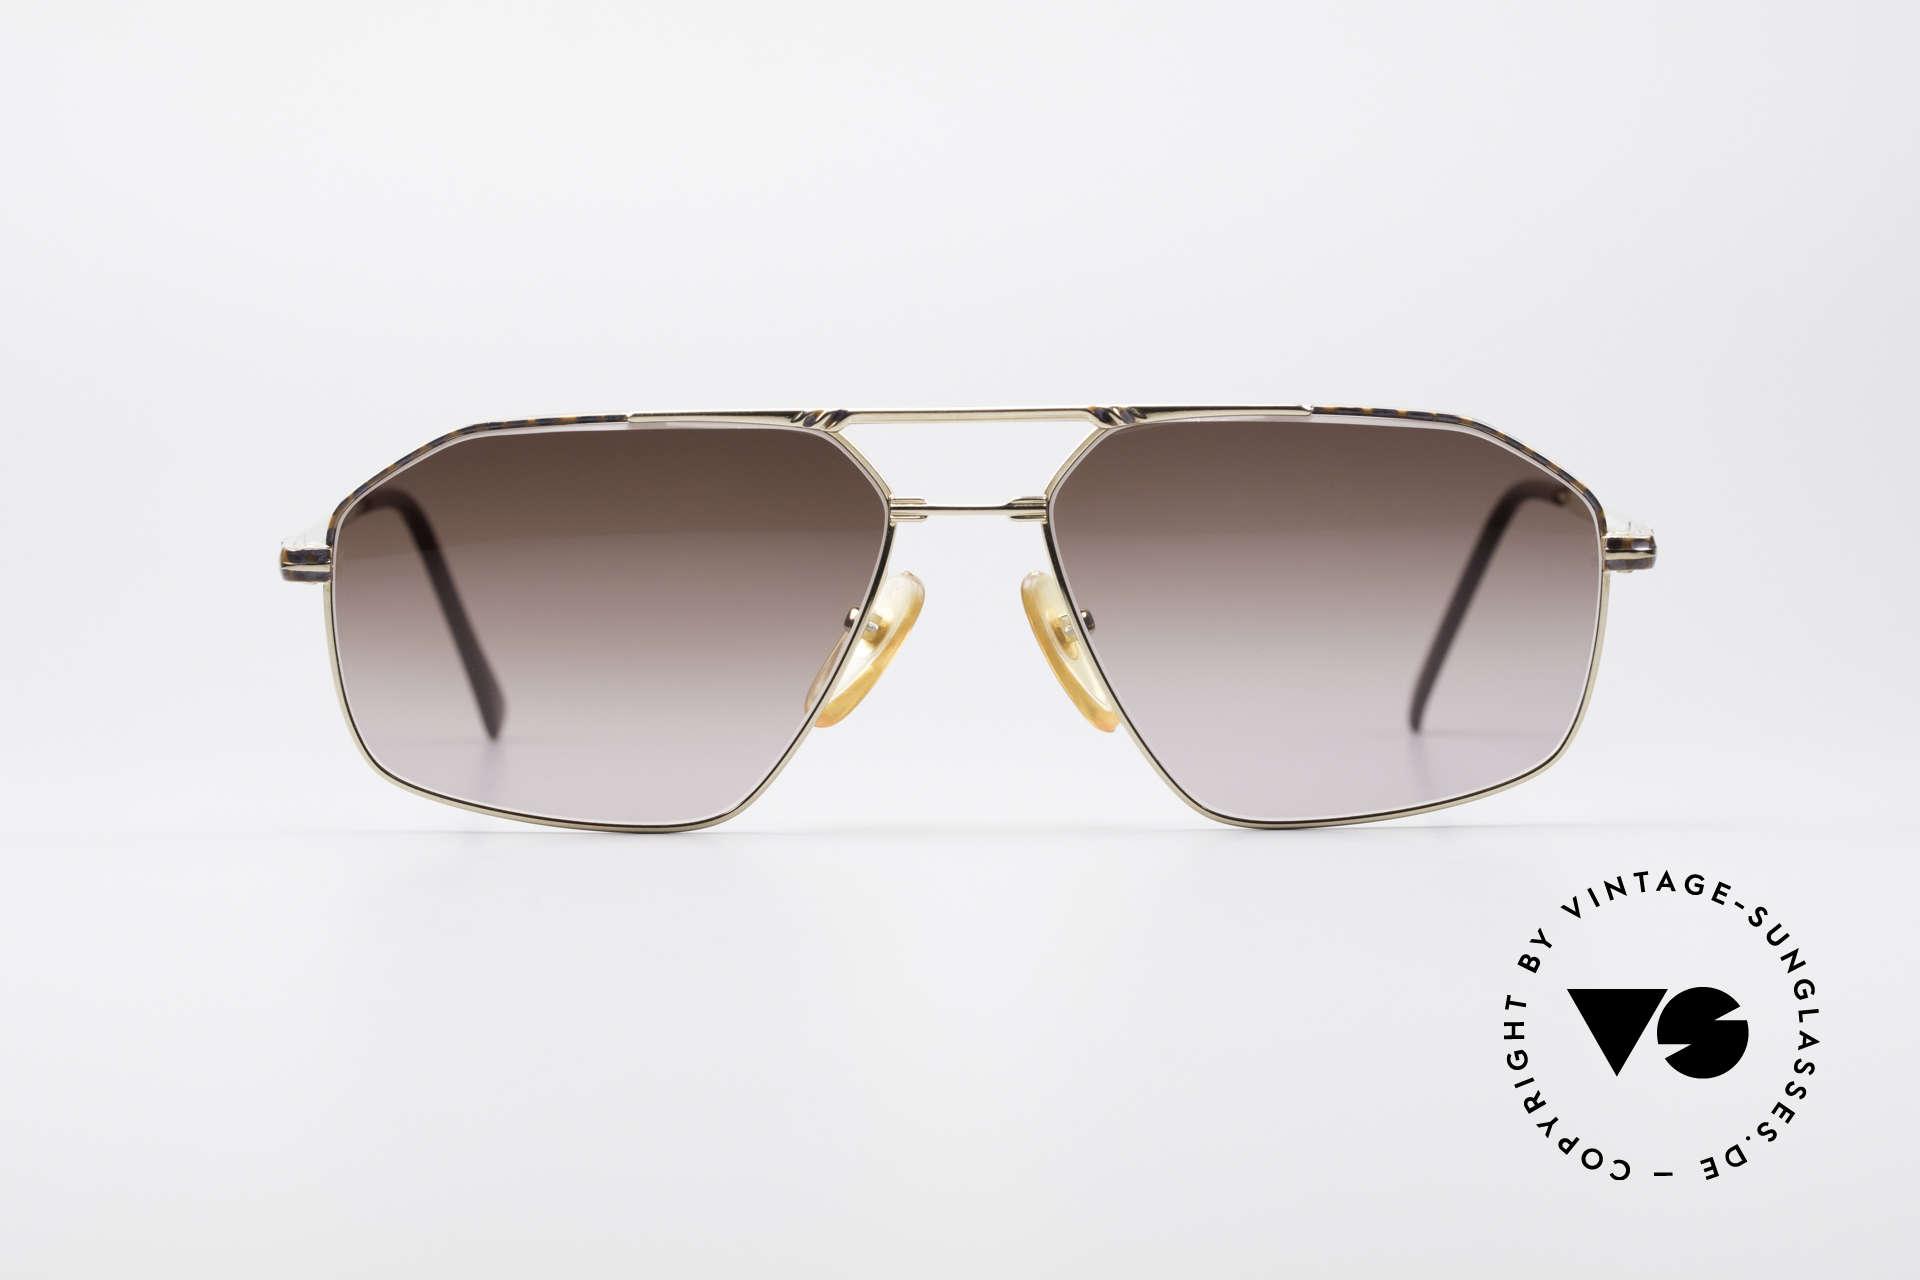 Yves Saint Laurent Aeson Vintage Sonnenbrille, enorm stabiler Rahmen in TOP-Verarbeitungsqualität, Passend für Herren